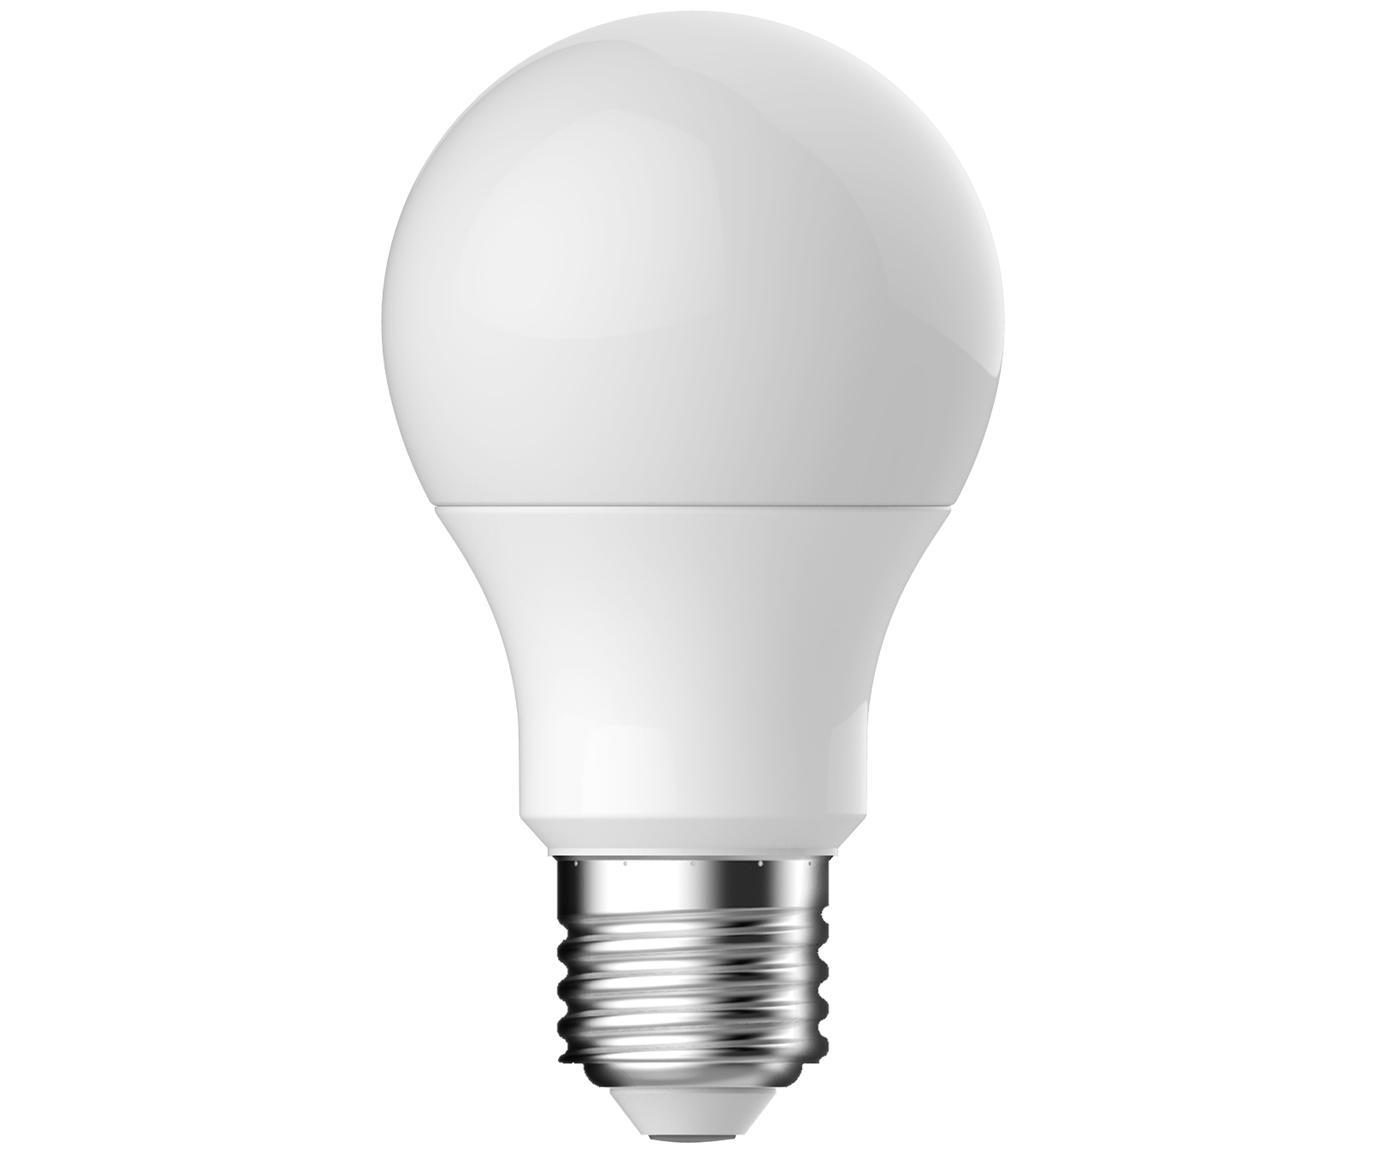 Bombilla LED regulable Frost (E27/11W), Ampolla: vidrio opalino, Casquillo: aluminio, Blanco, Ø 6 x Al 11 cm